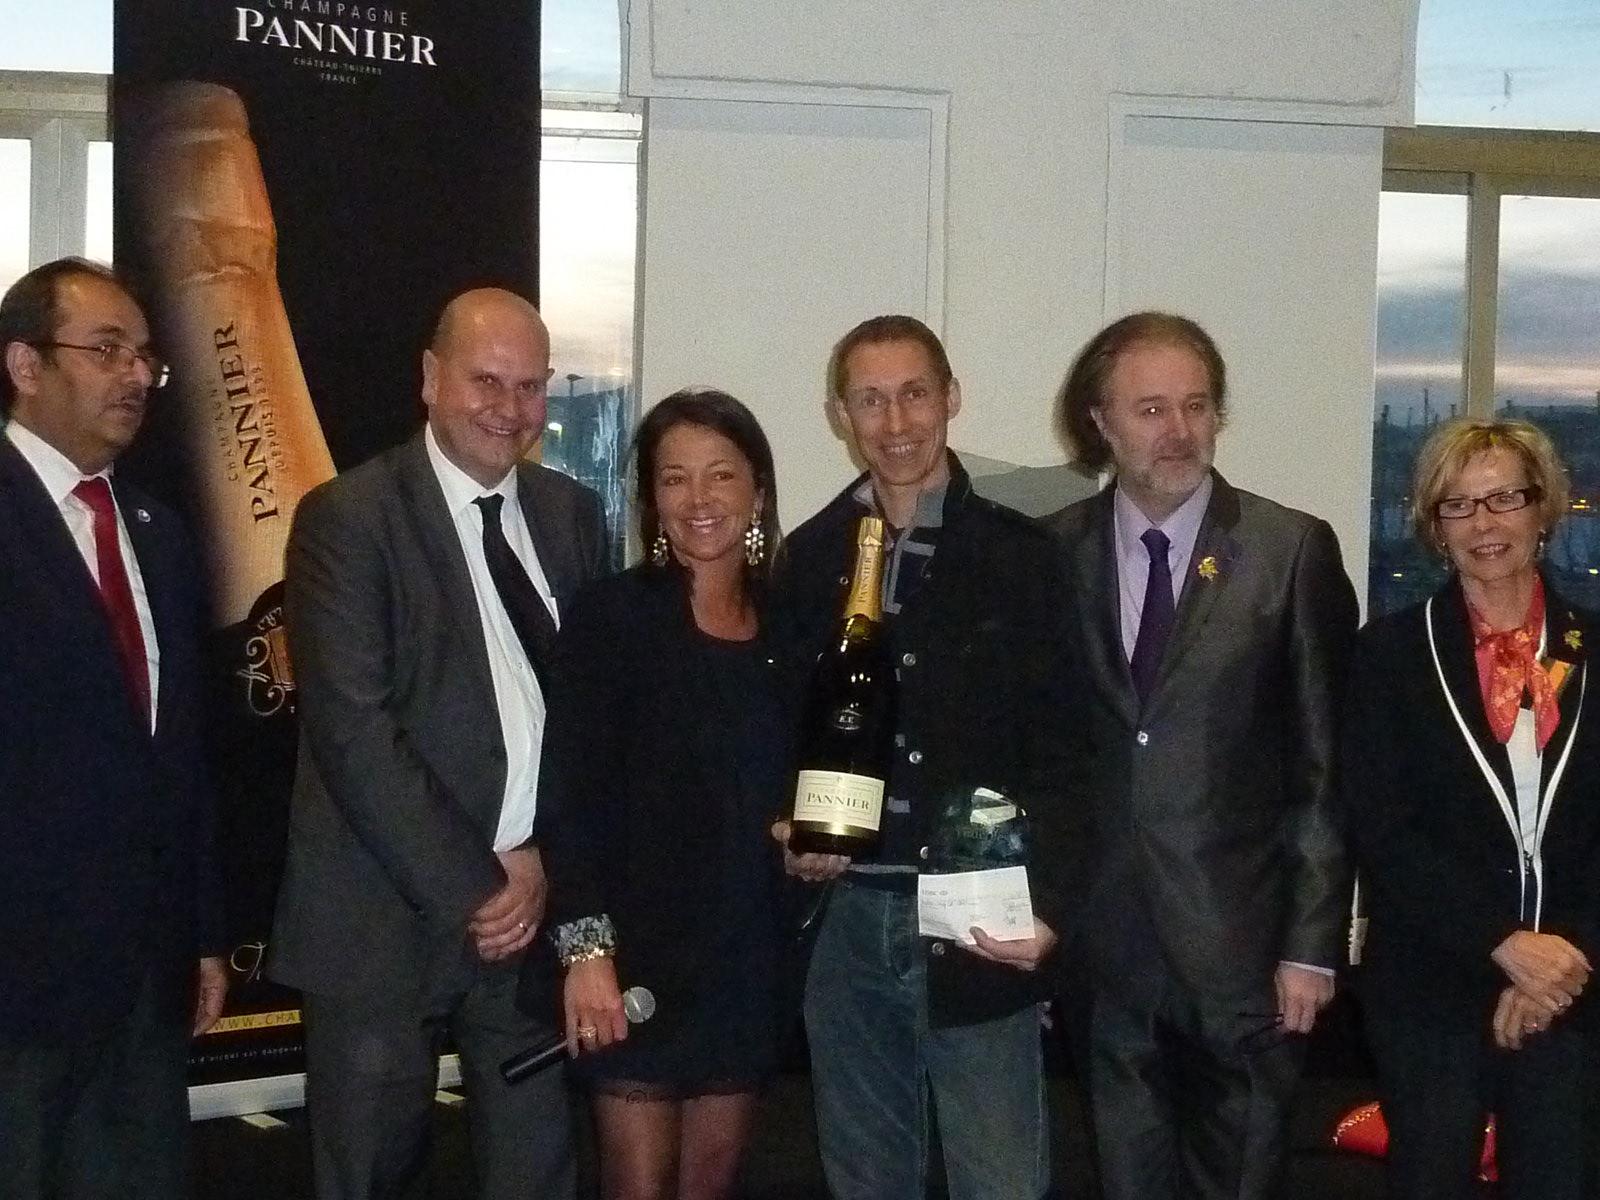 Prix Philippe Faure-Brac